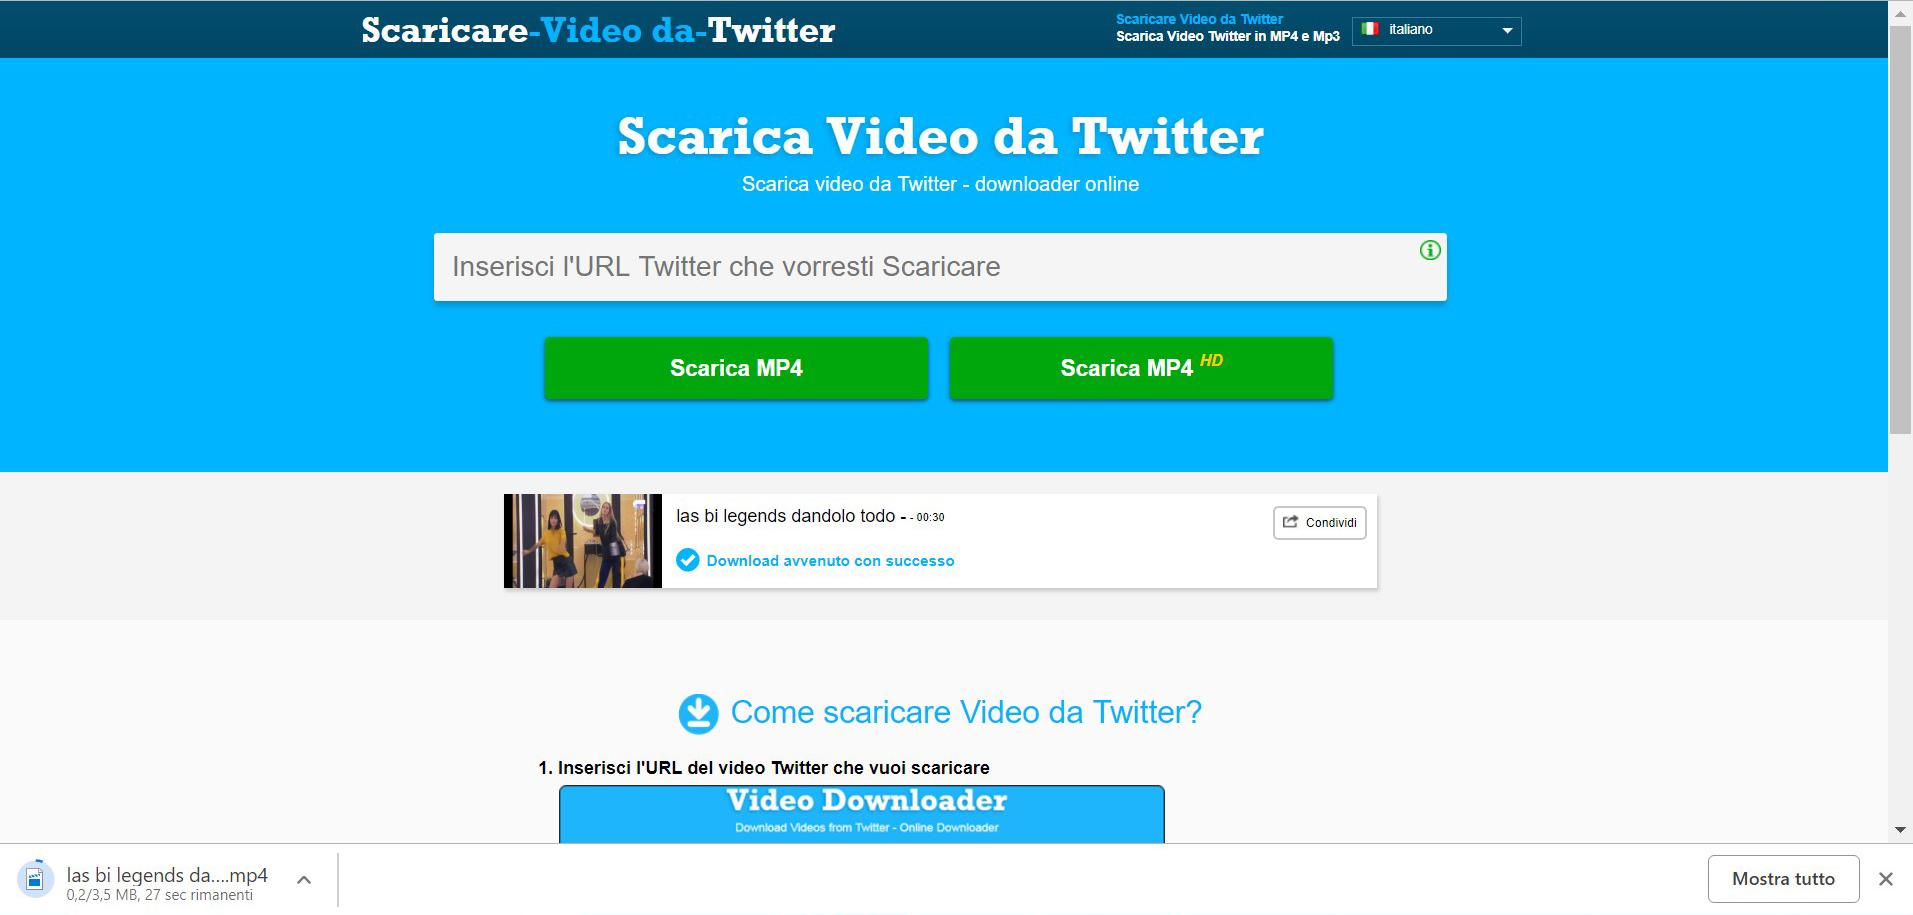 Inserisci l'URL Twitter che vorresti scaricare